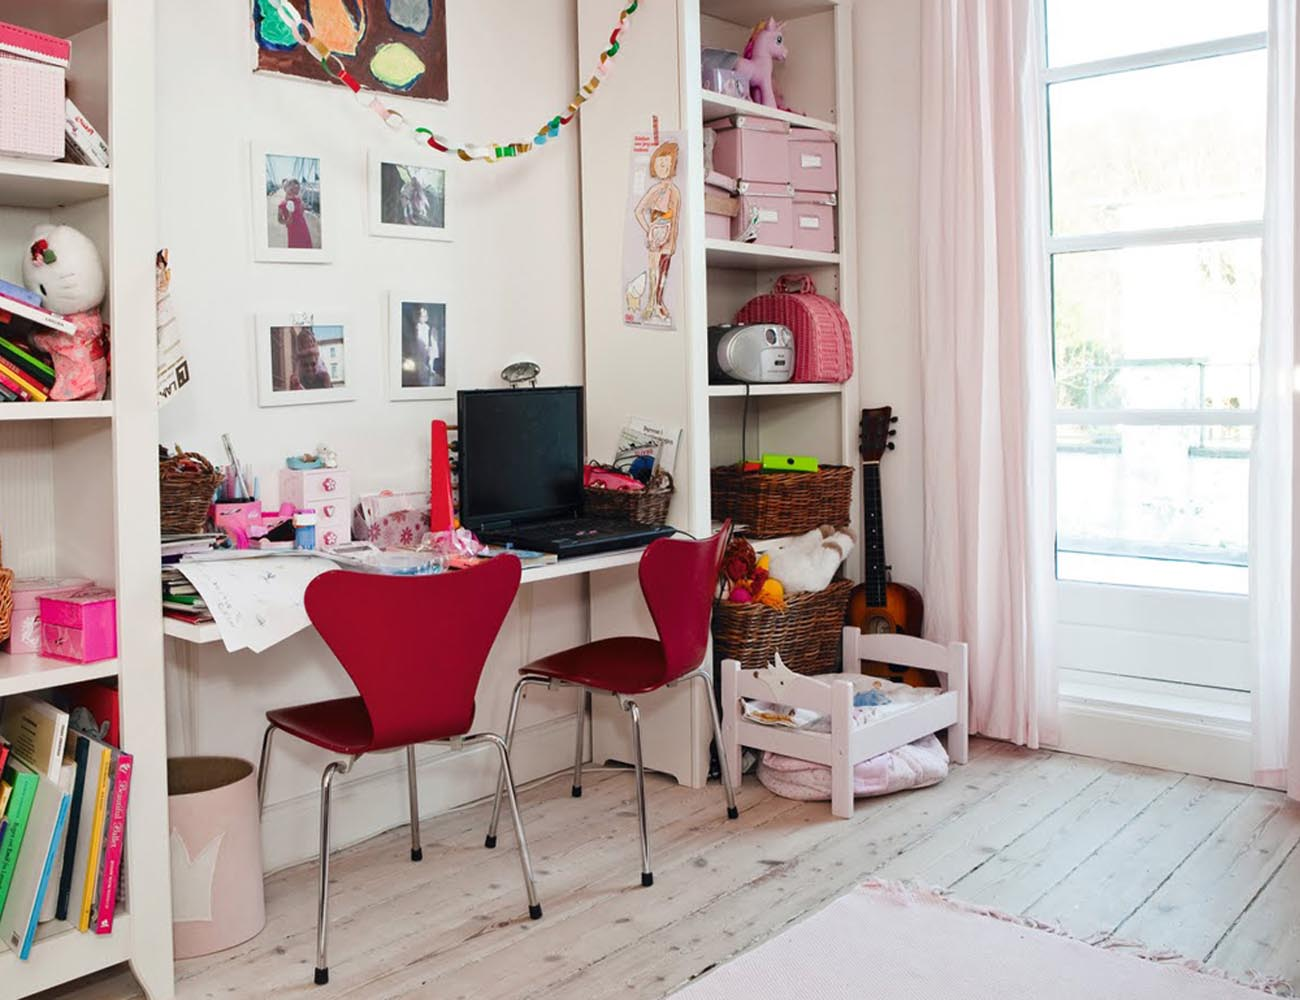 Series 7 Children's Chair by Arne Jacobsen